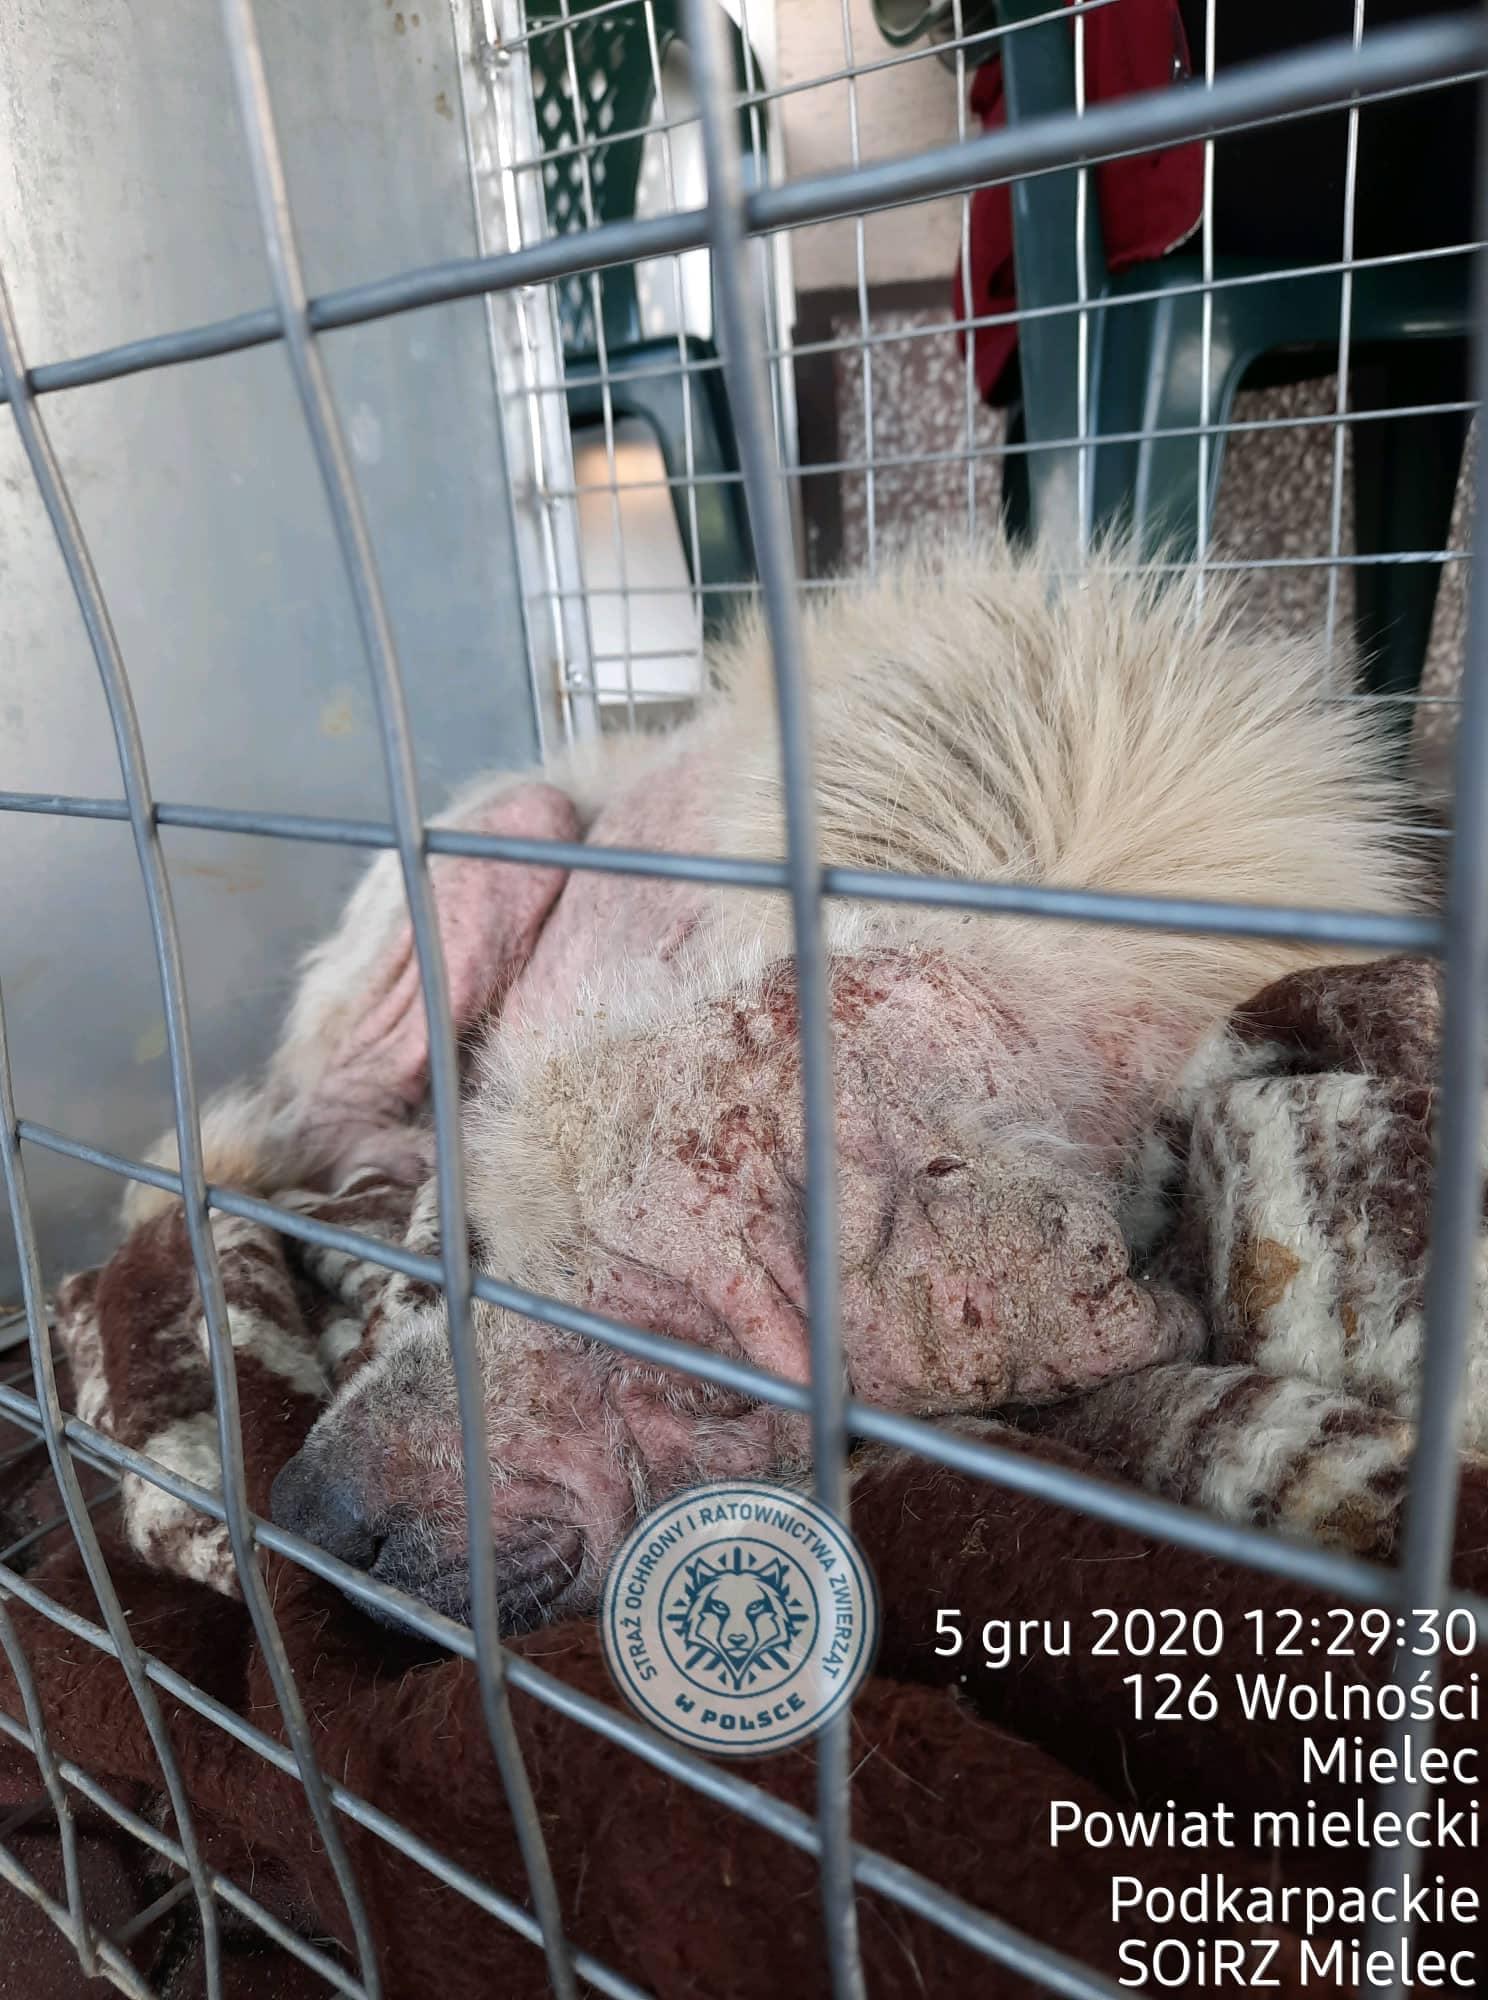 Gremlinek. Pies, który przeżył piekło, potrzebuje naszej pomocy - Zdjęcie główne